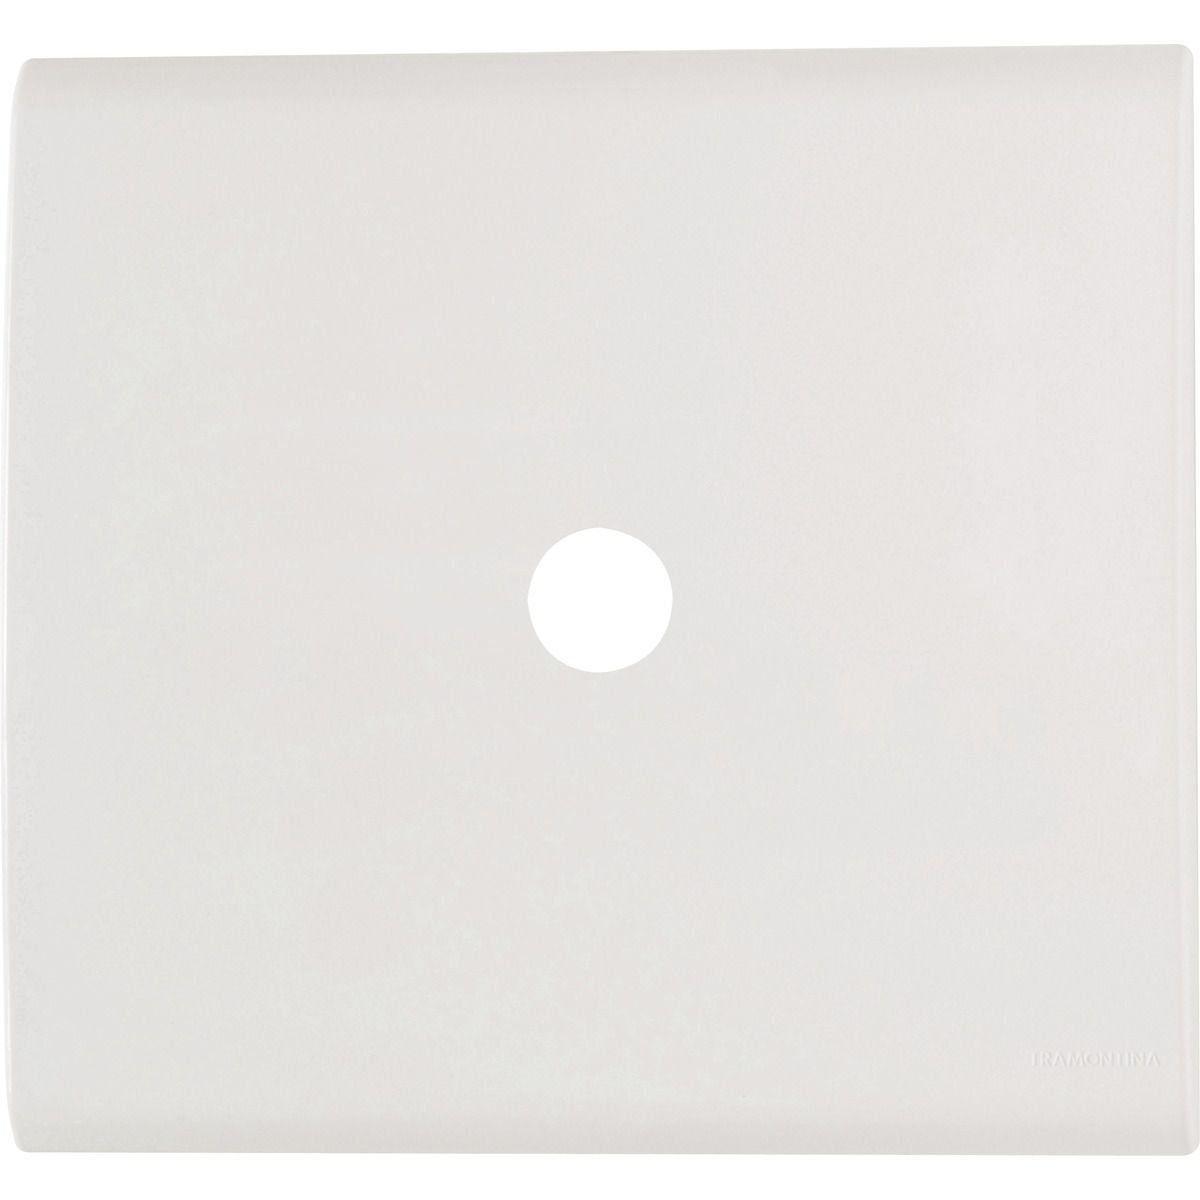 Placa 4X4 1 Furo 9,5Mm Bco 57106/022 Tramontina